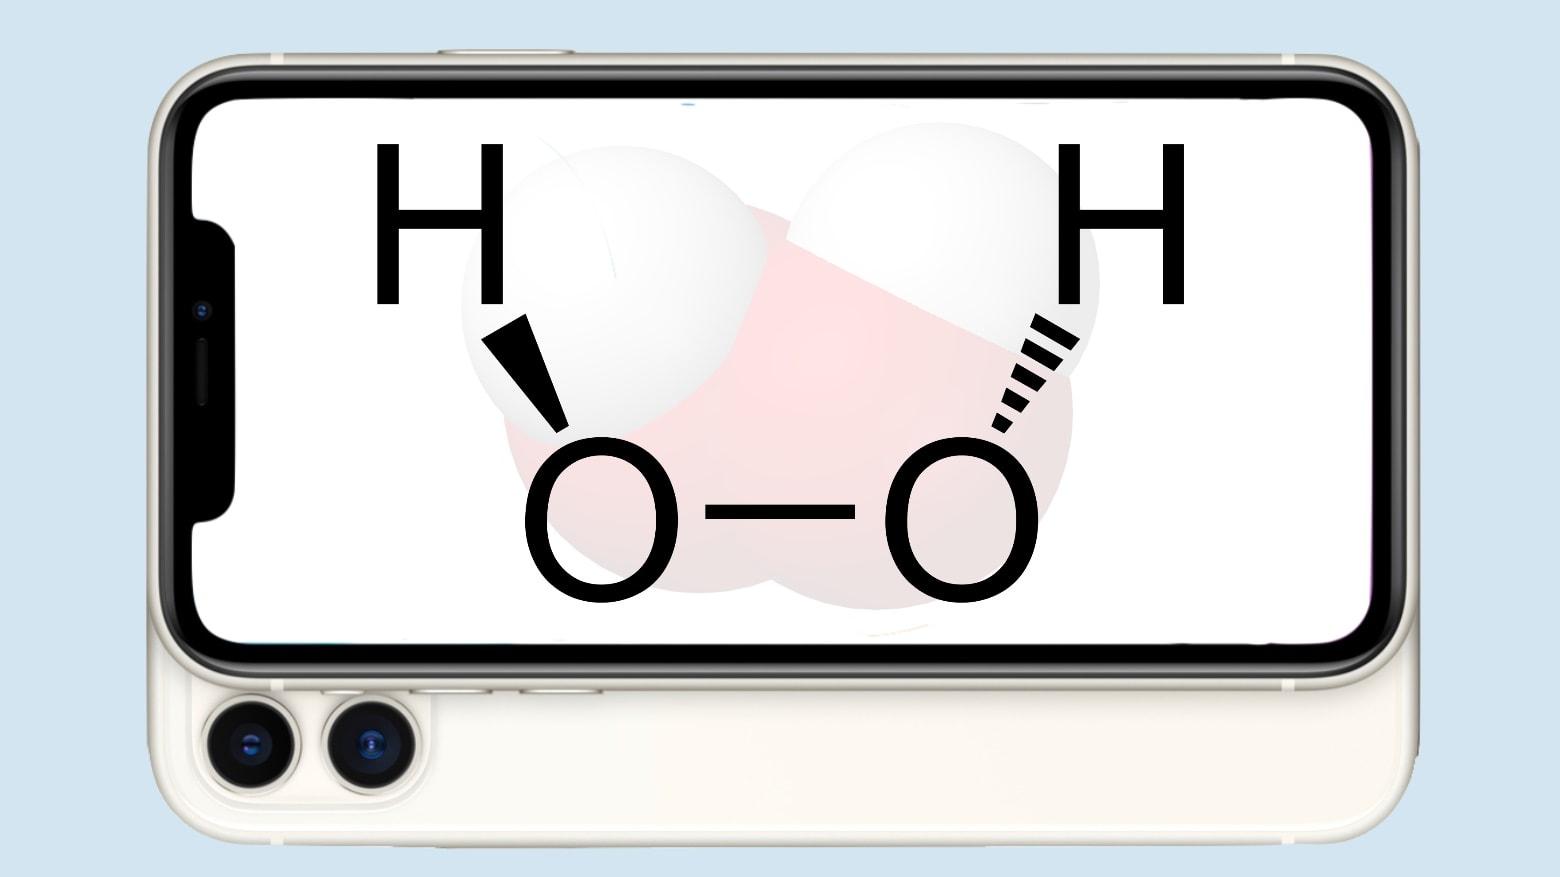 اپل: از هیدروژن پراکسید برای تمیز کردن دستگاهها استفاده نکنید